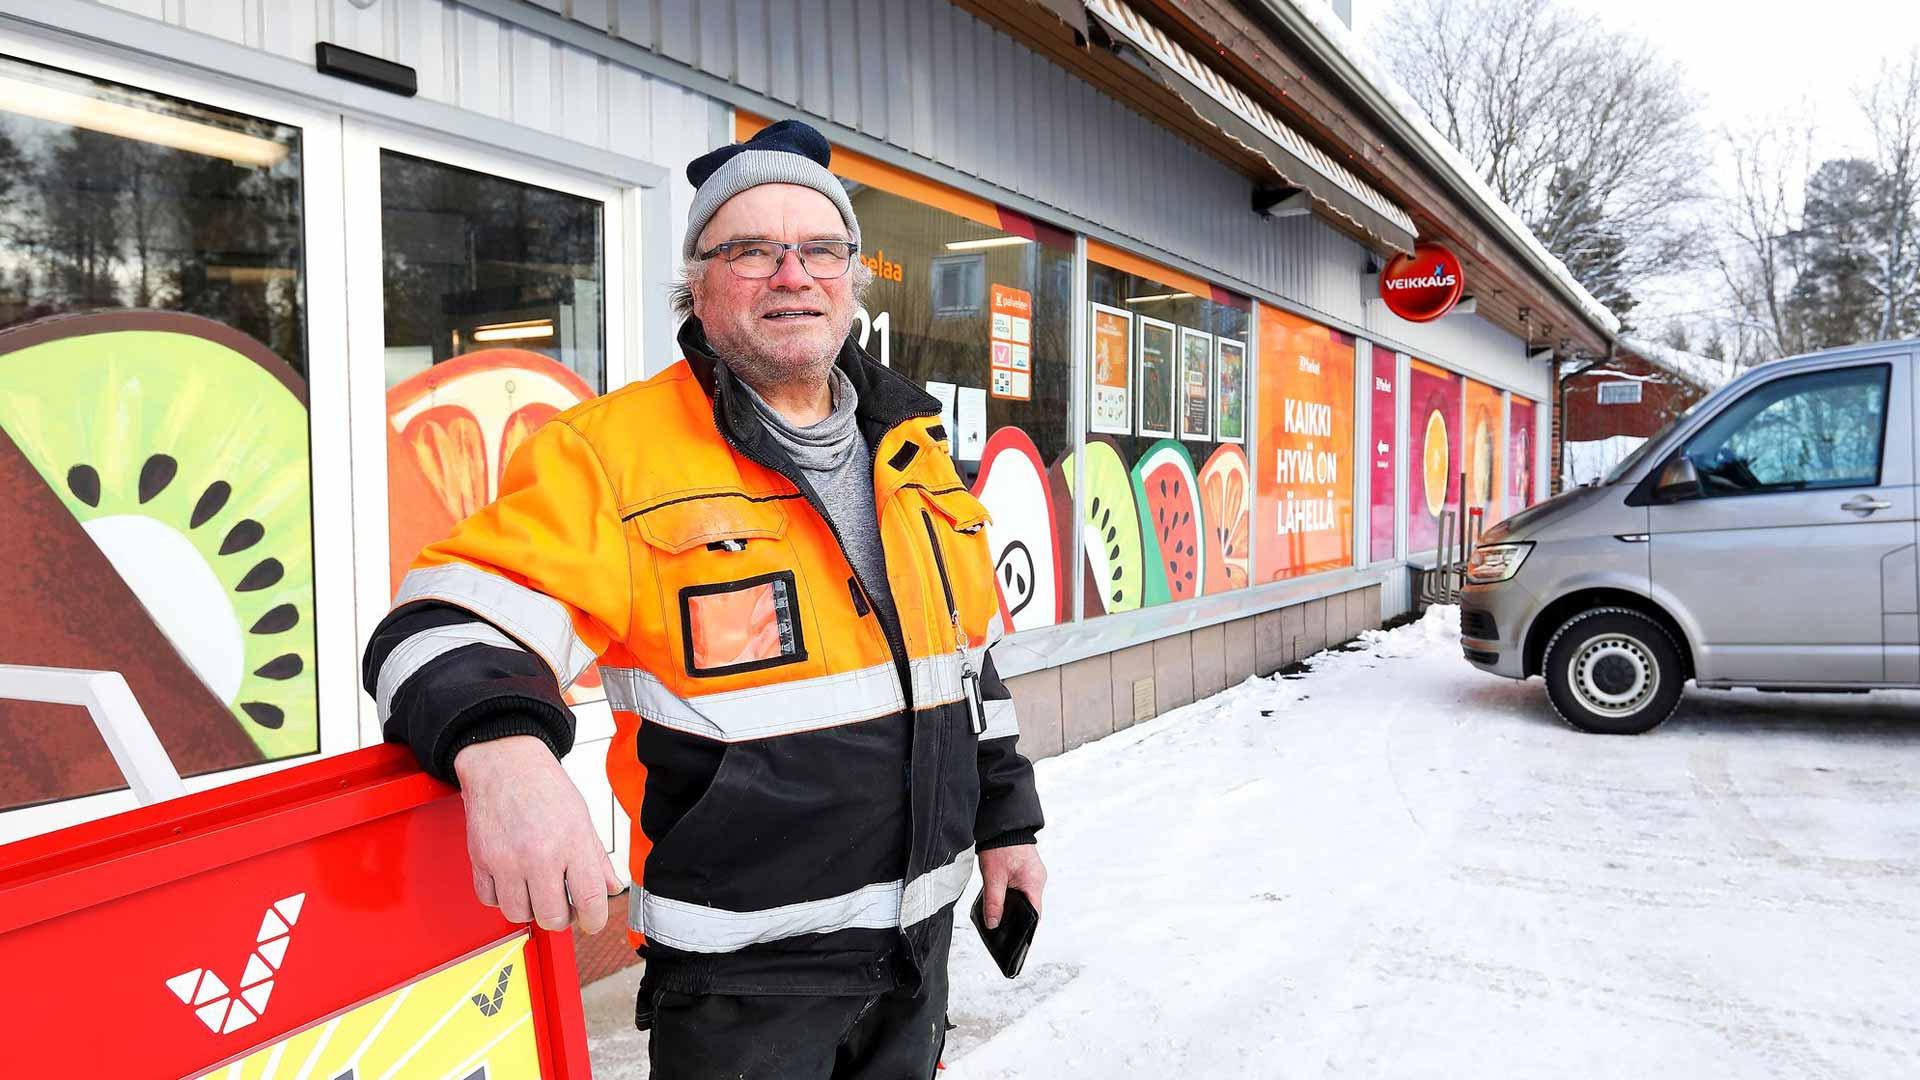 Matti Eloranta aikoo äänestää kuntavaaleissa sopivaa henkilöä. Valinta on aikanaan helppo tehdä, koska hän tuntee lähes kaikki honkajokelaiset.